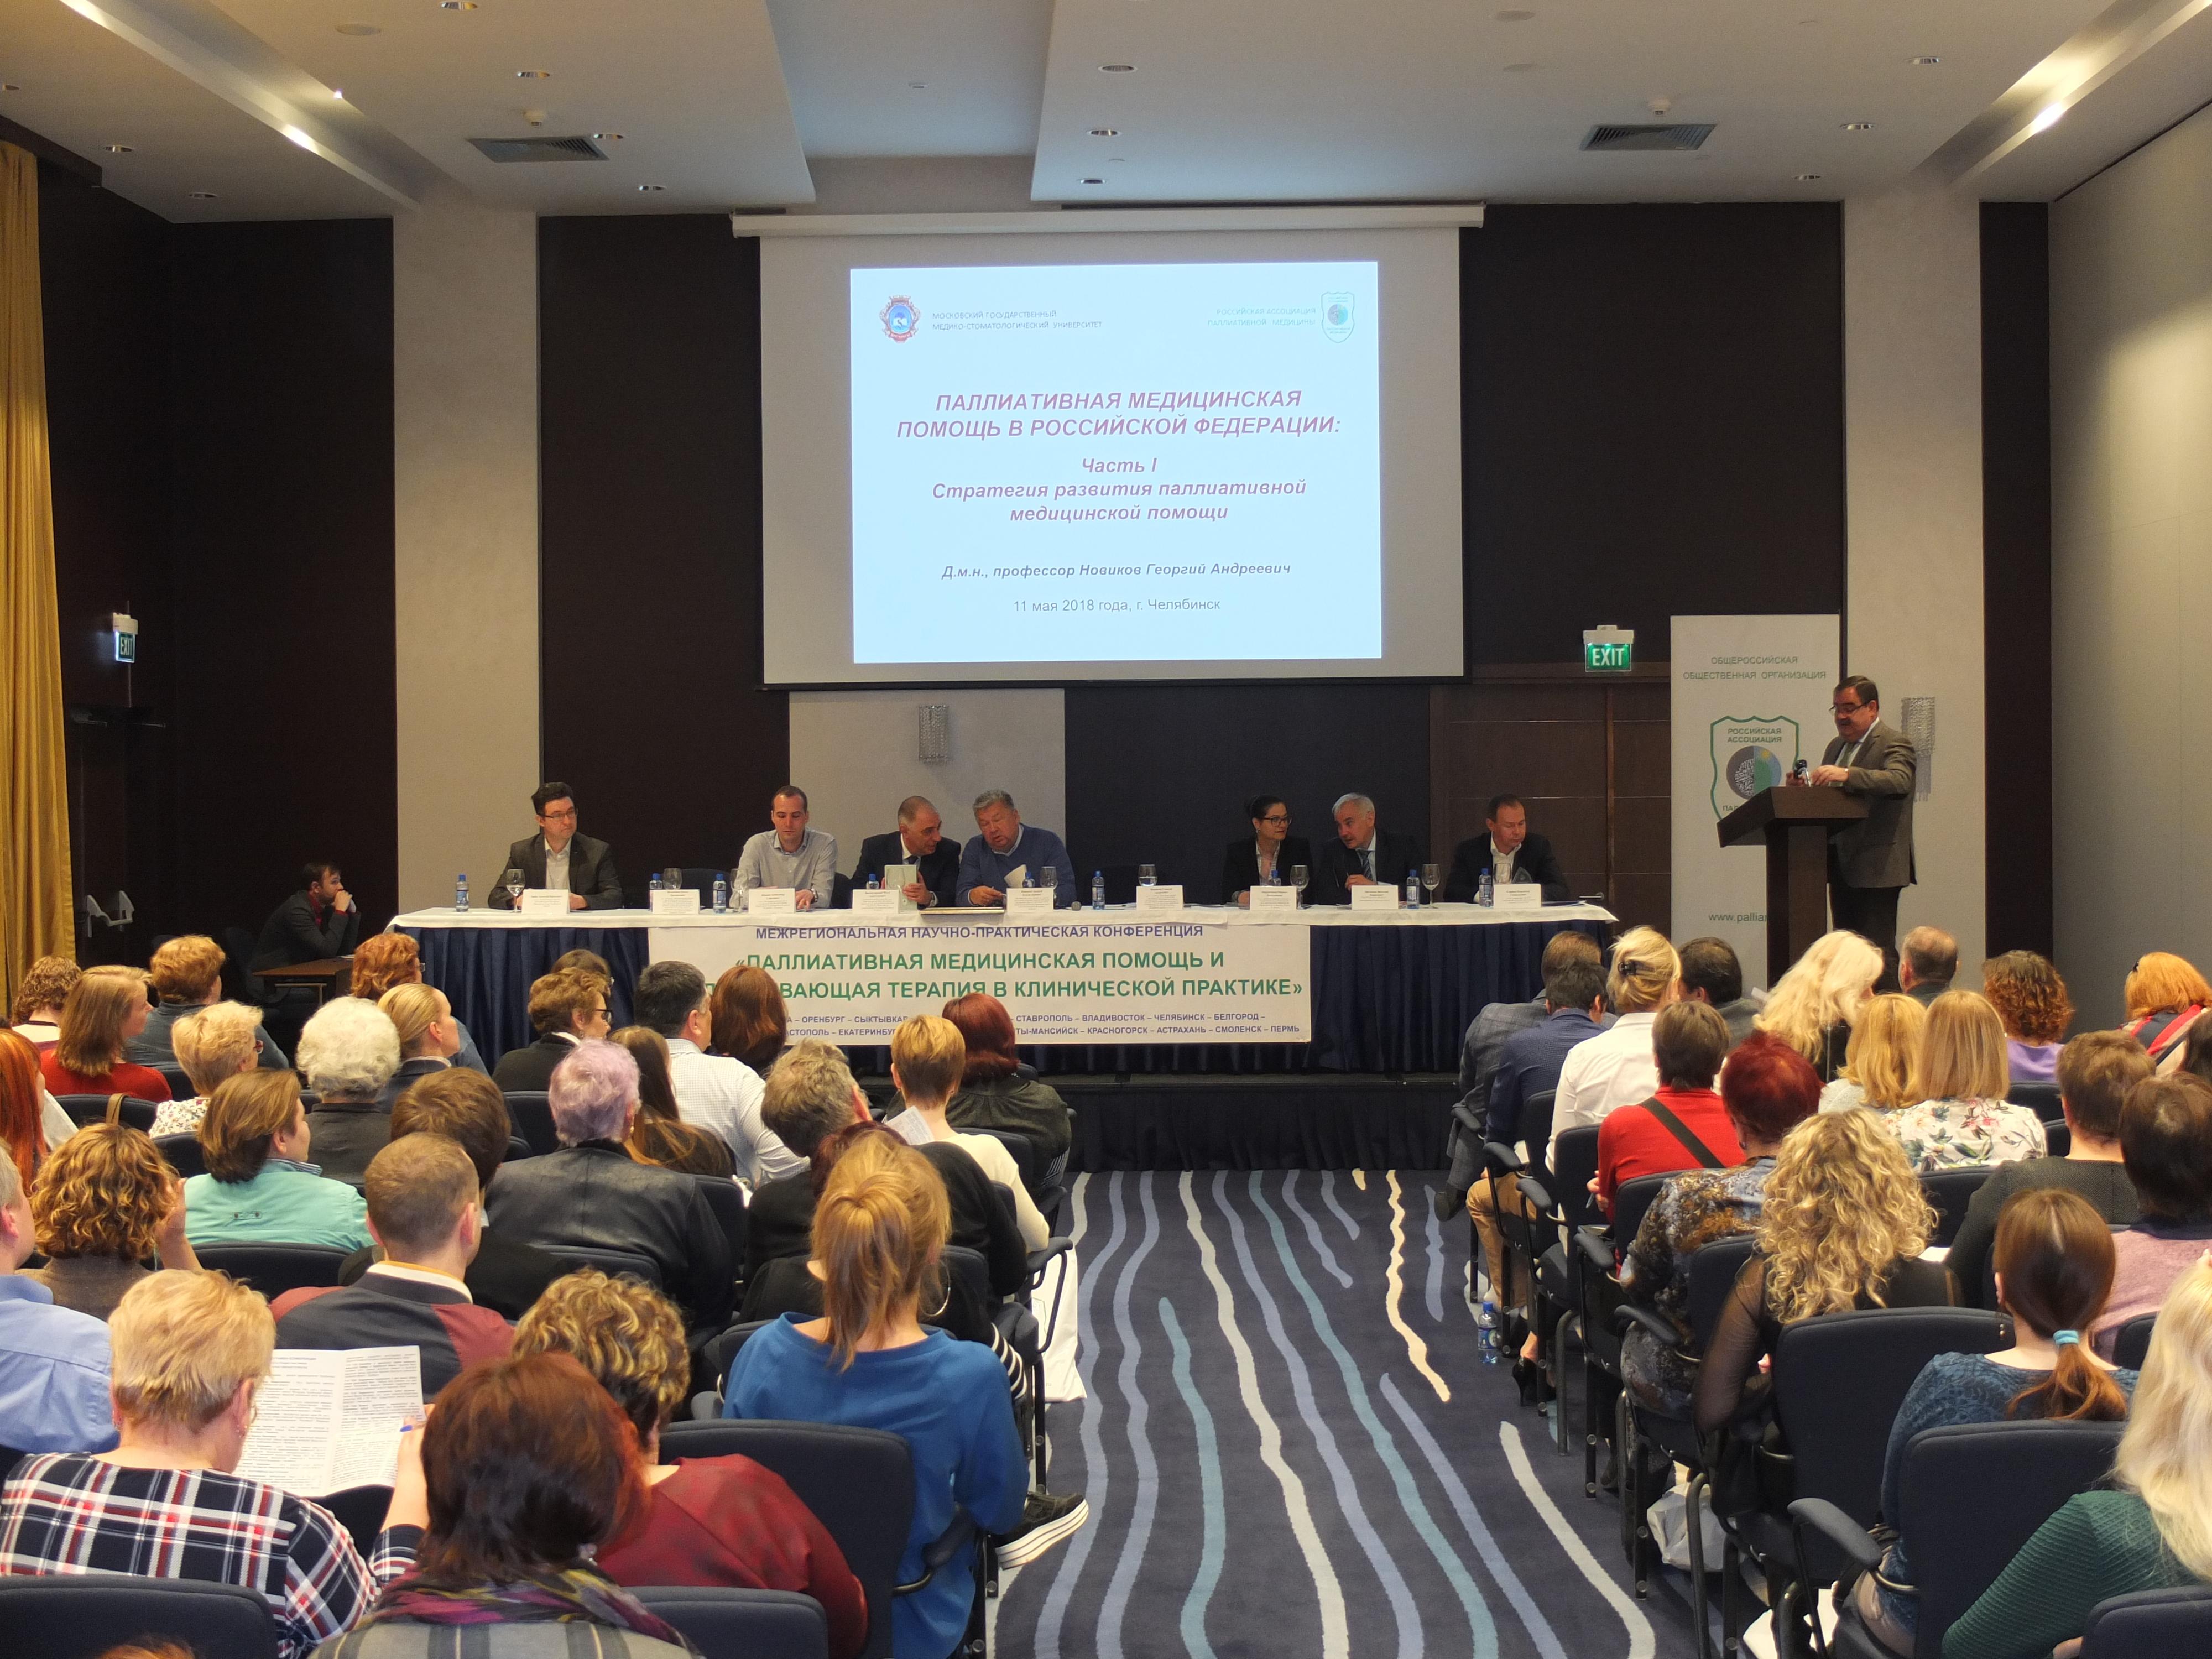 В конференции приняли участие порядка 300 специалистов со всего Южного Урала